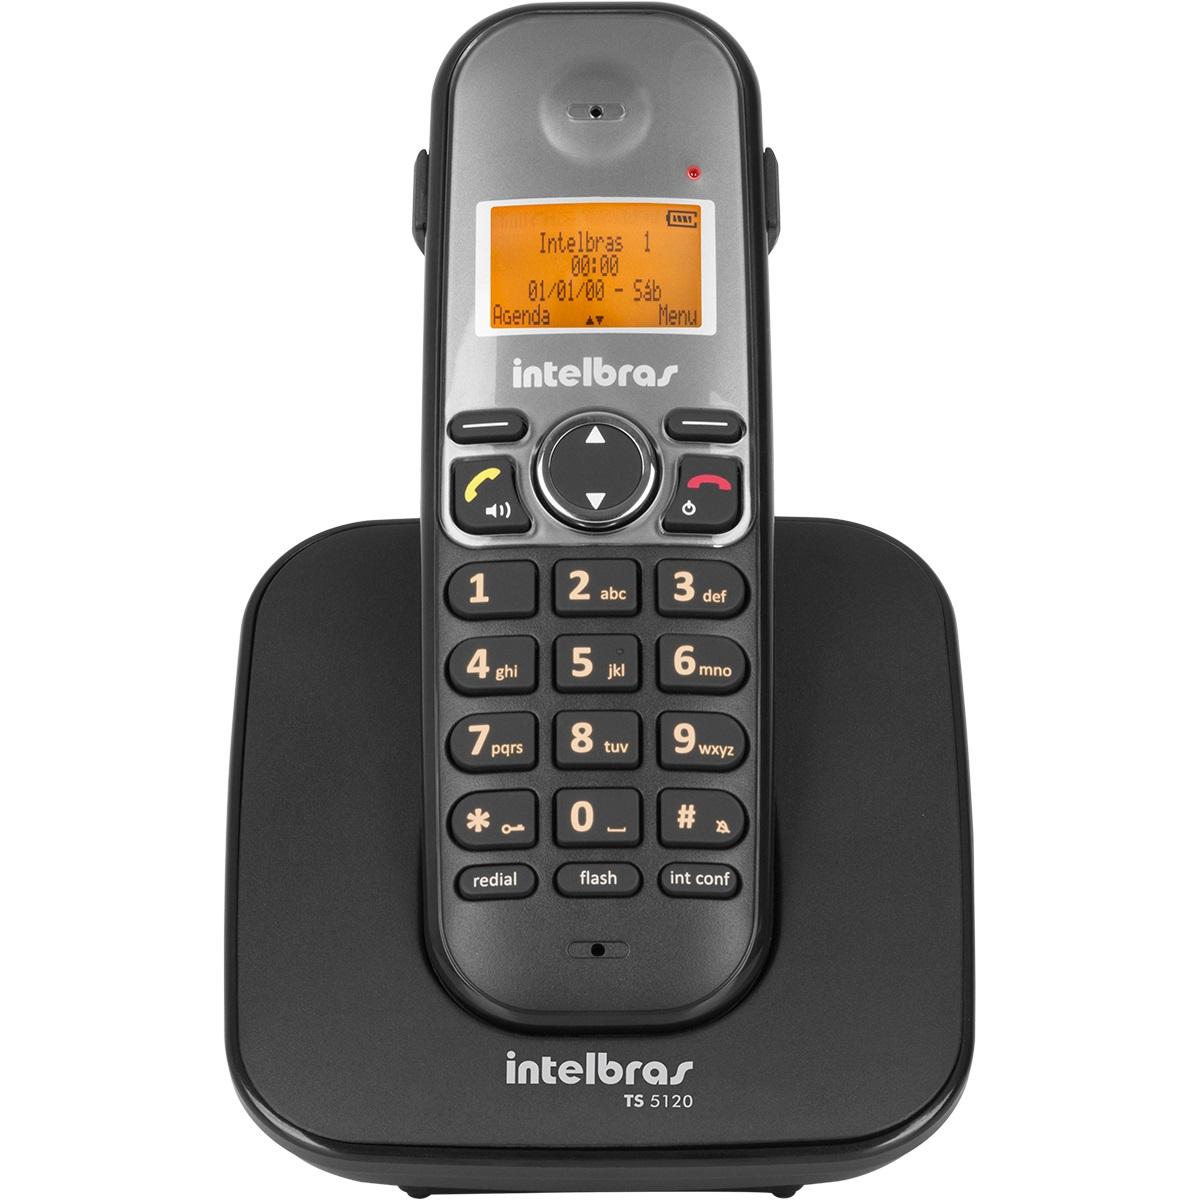 Telefone sem Fio Digital Intelbras com Identificador de Chamadas e Display Iluminado TS 5120 Preto  - ShopNoroeste.com.br